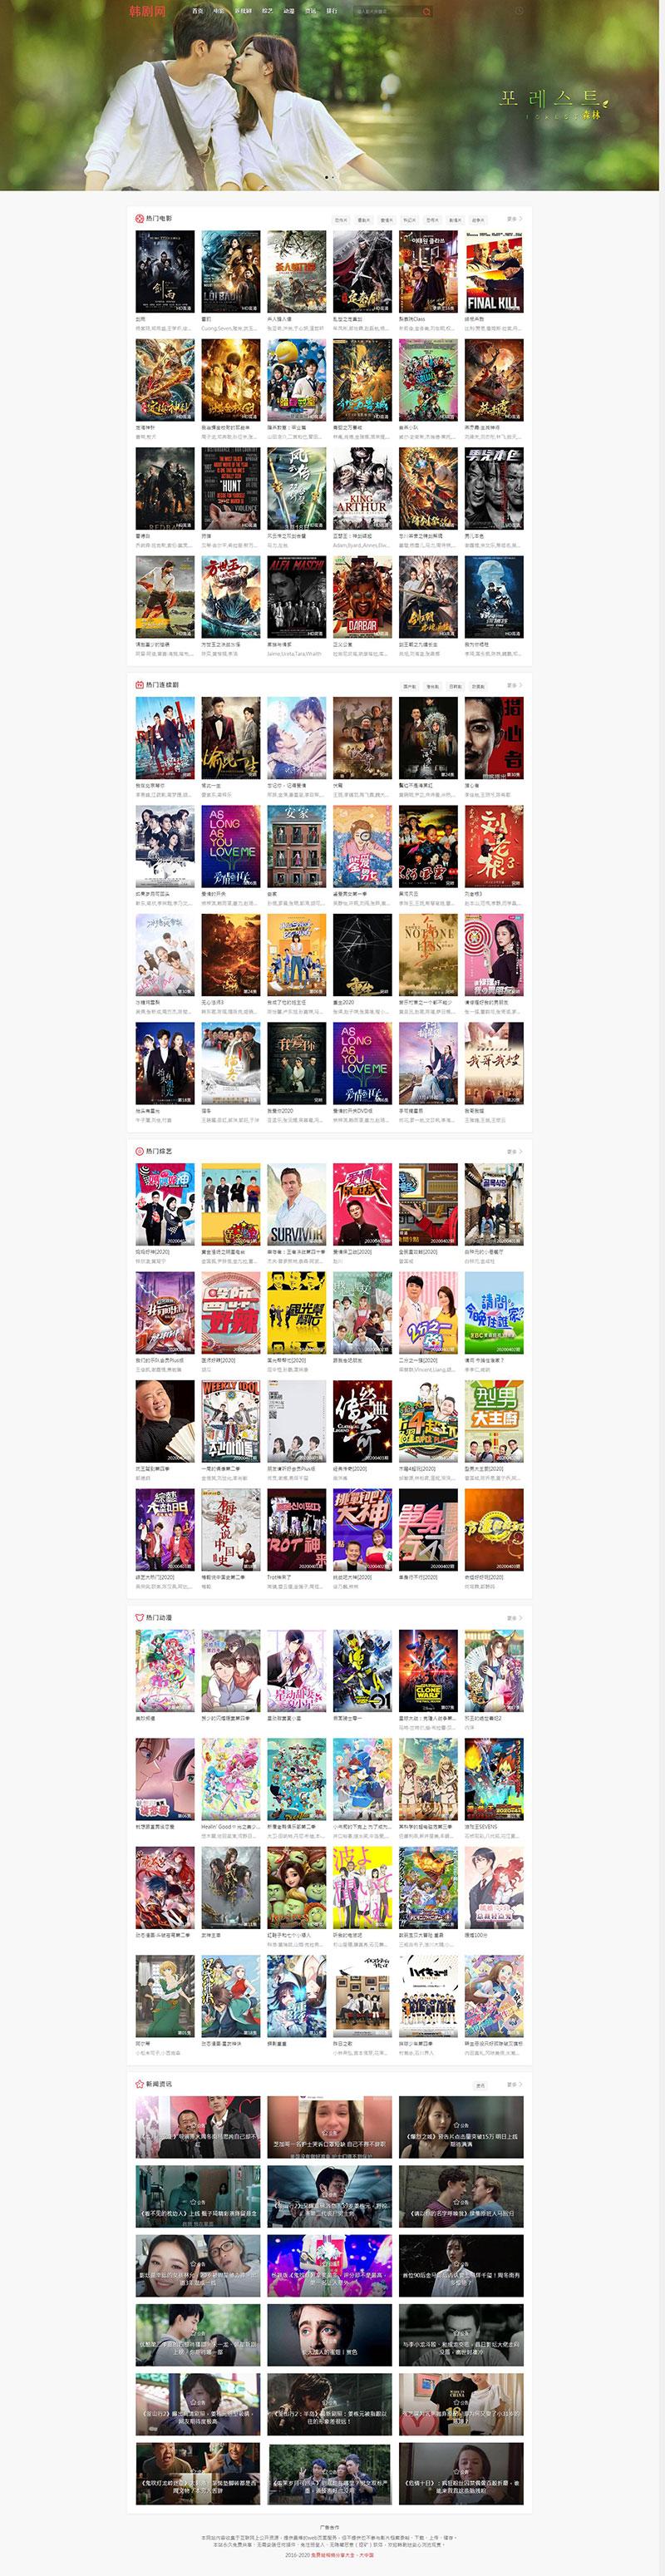 苹果cmsV10仿韩剧网响应式视频影视电影网站源码 第1张